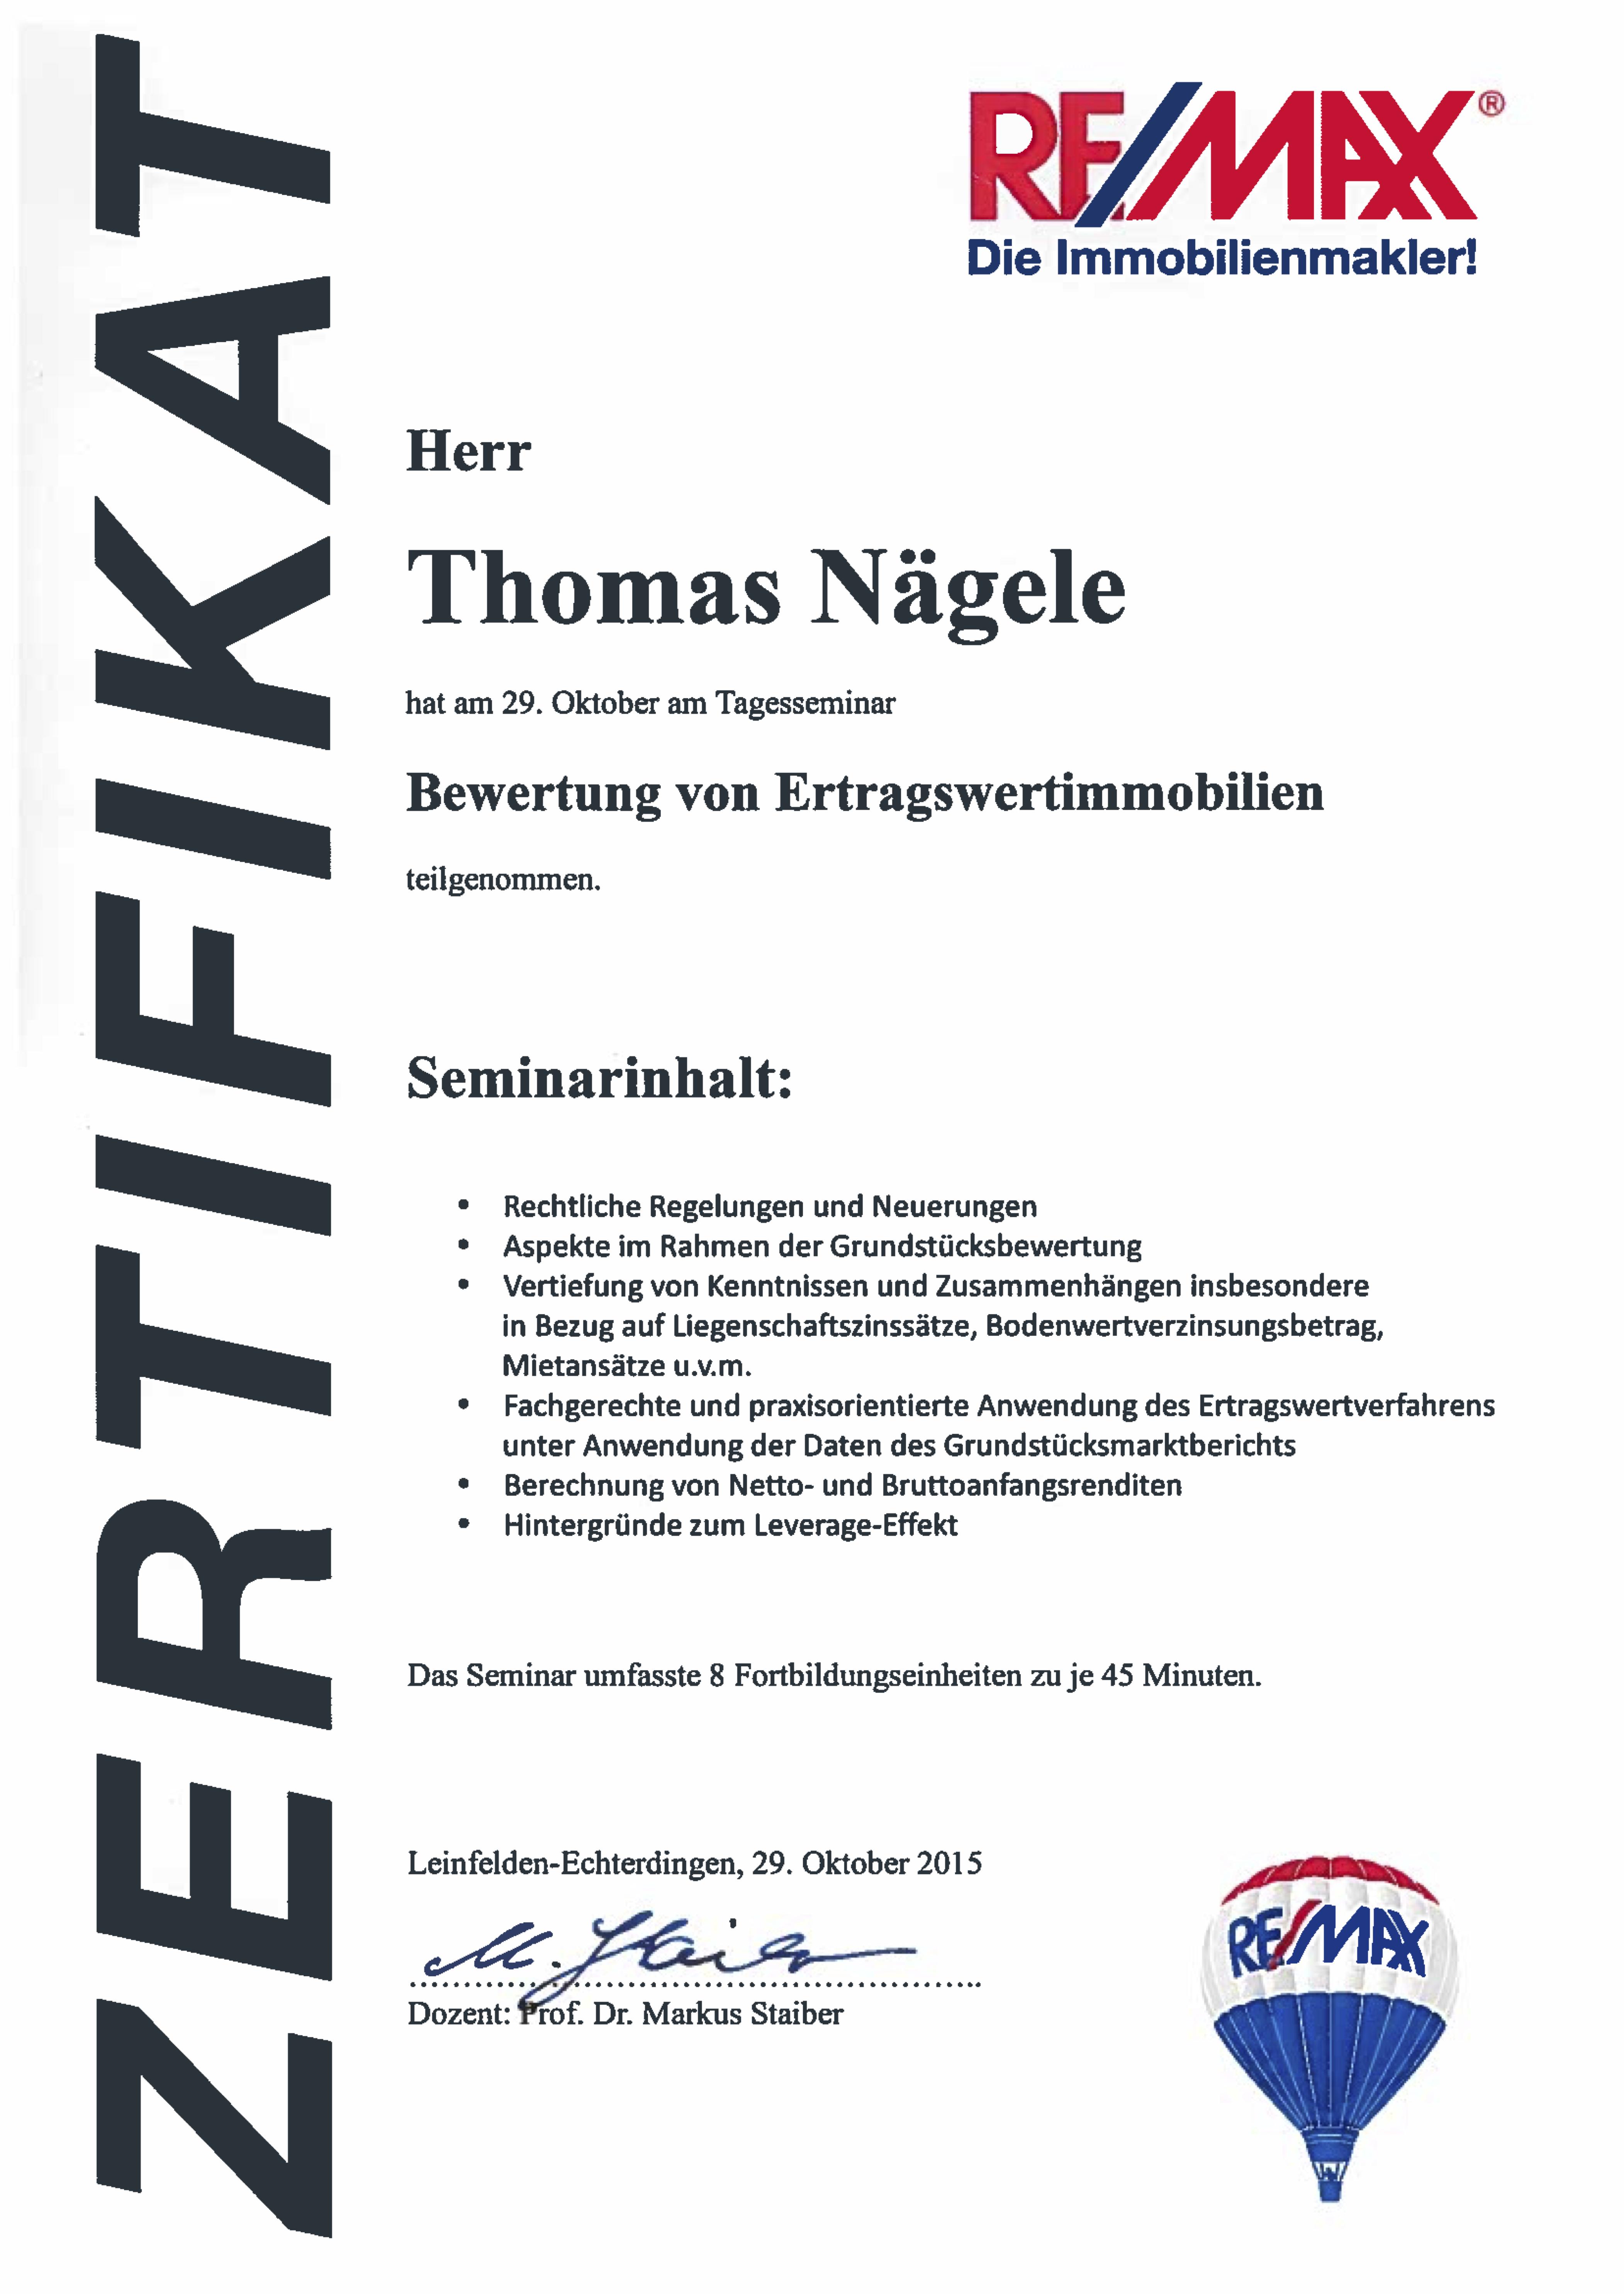 Bewertung-von-Ertragswertimmobilien_Seminar